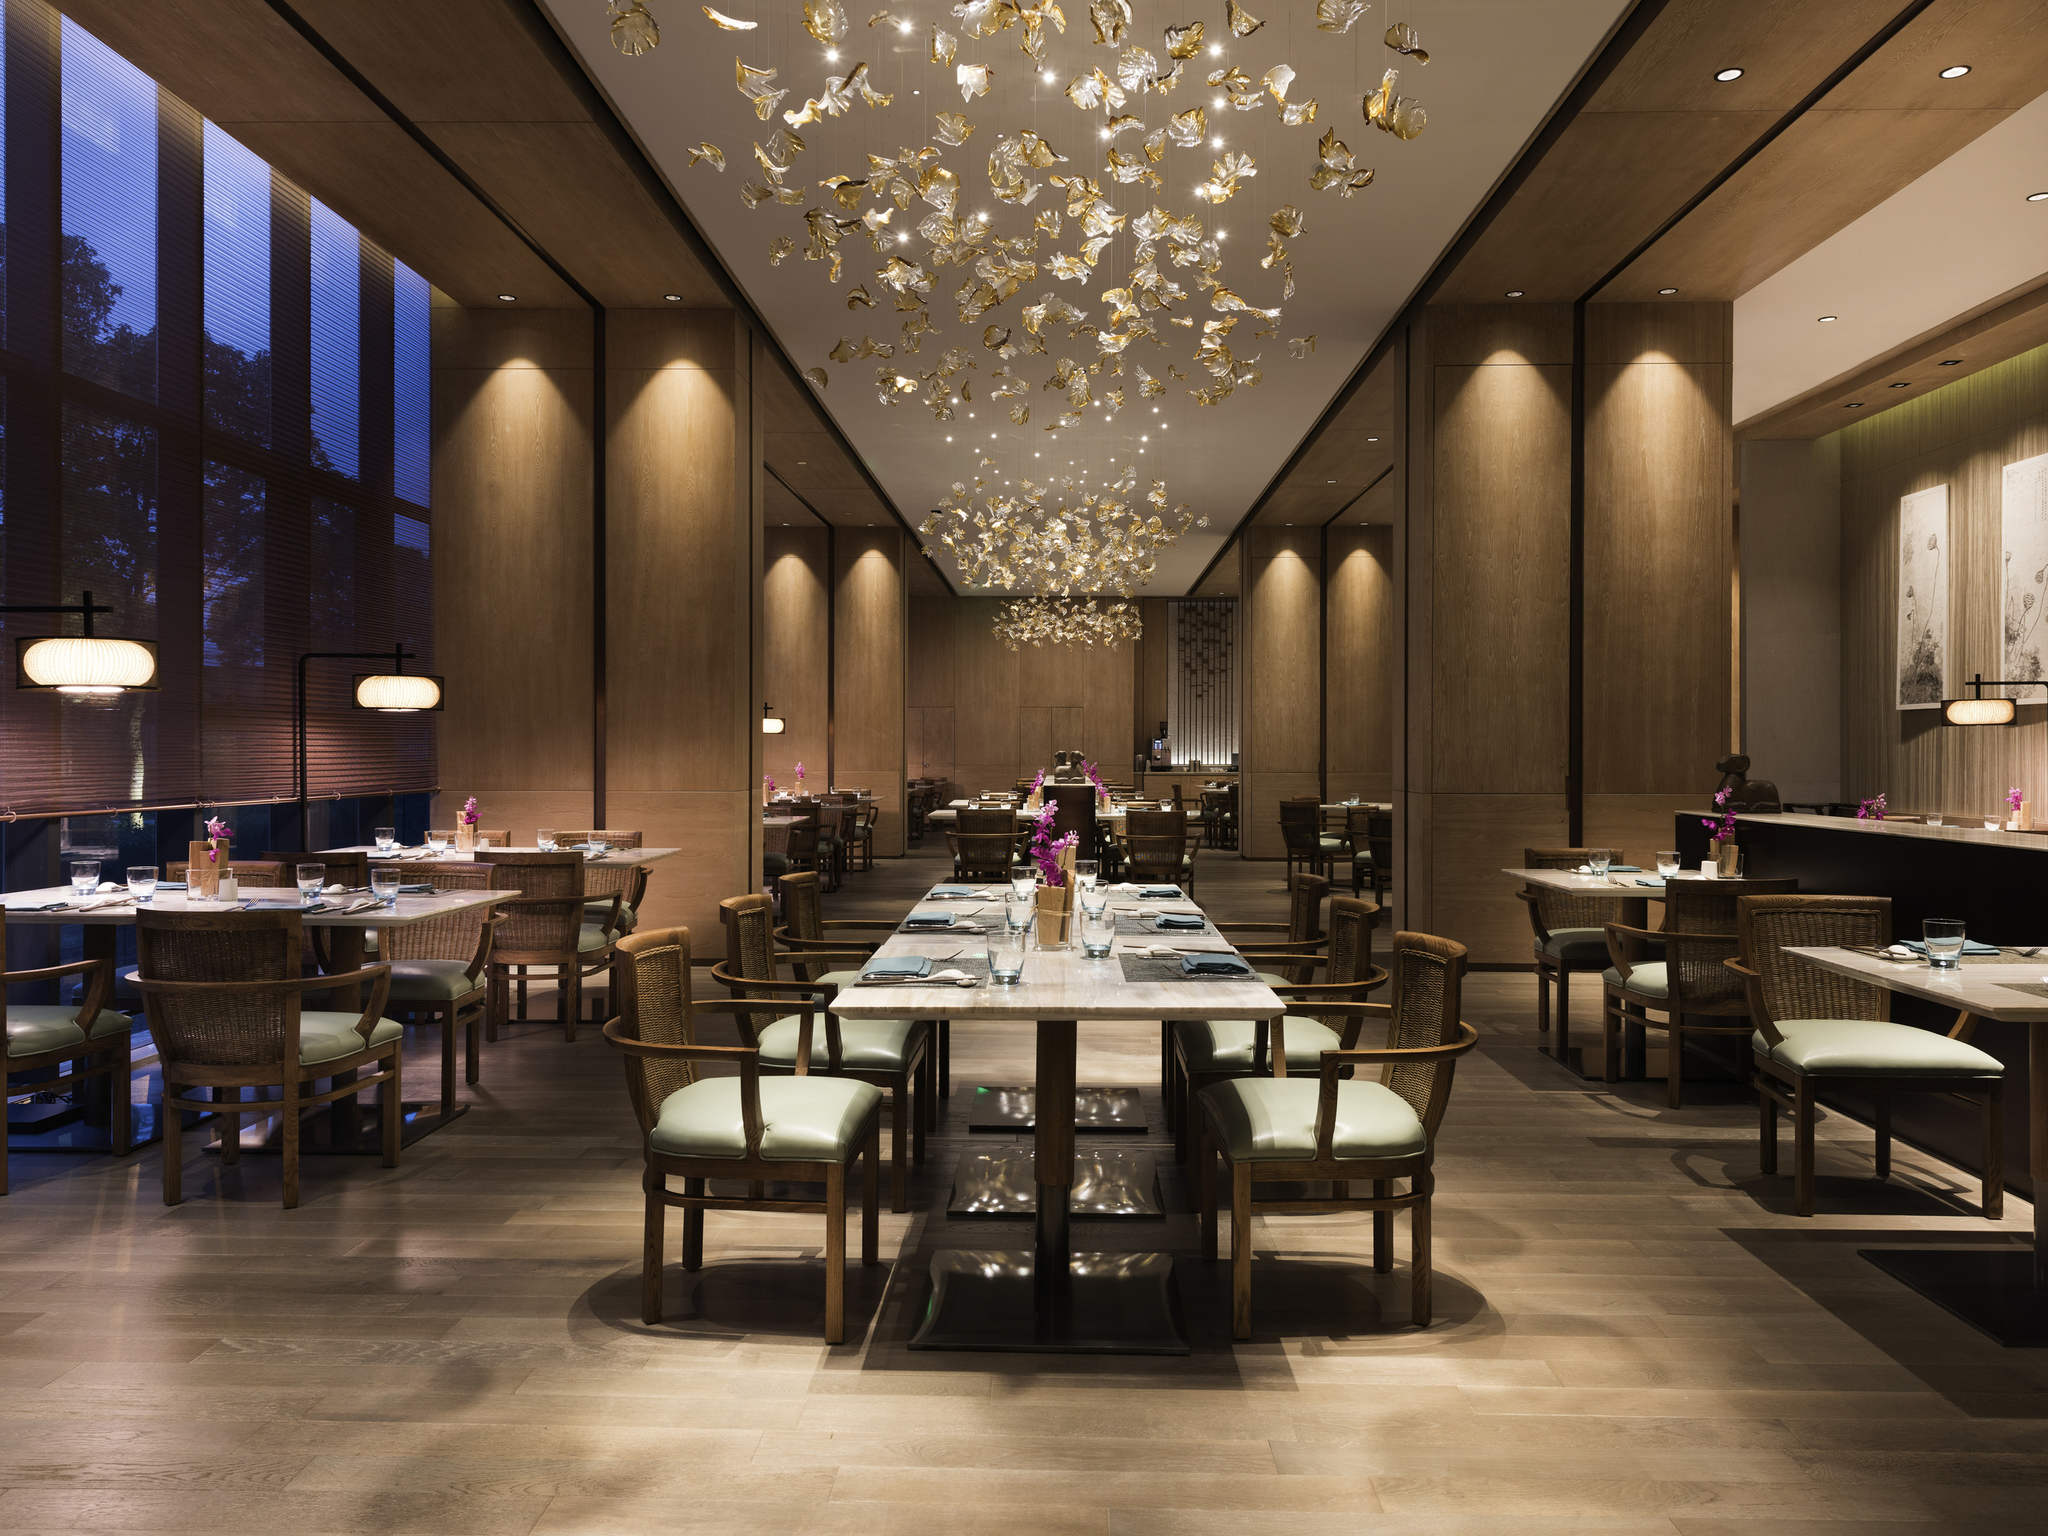 ホテル – ノボテル 上海 クローバー